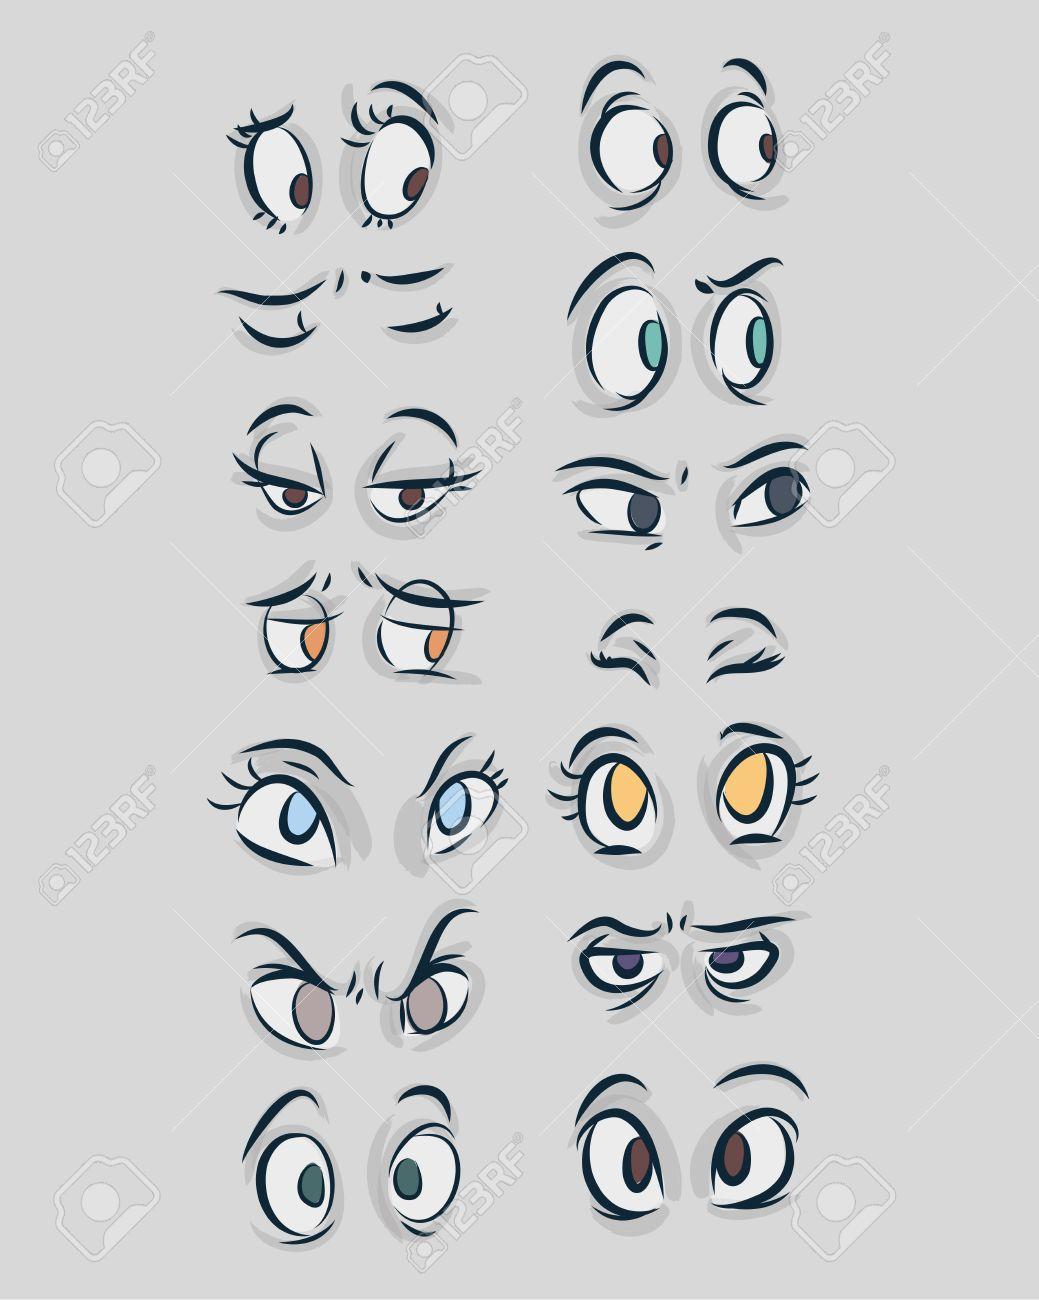 手描きのベクトル イラストや漫画の漫画のスタイルで目の異なる種類の図面のイラスト素材 ベクタ Image 3508